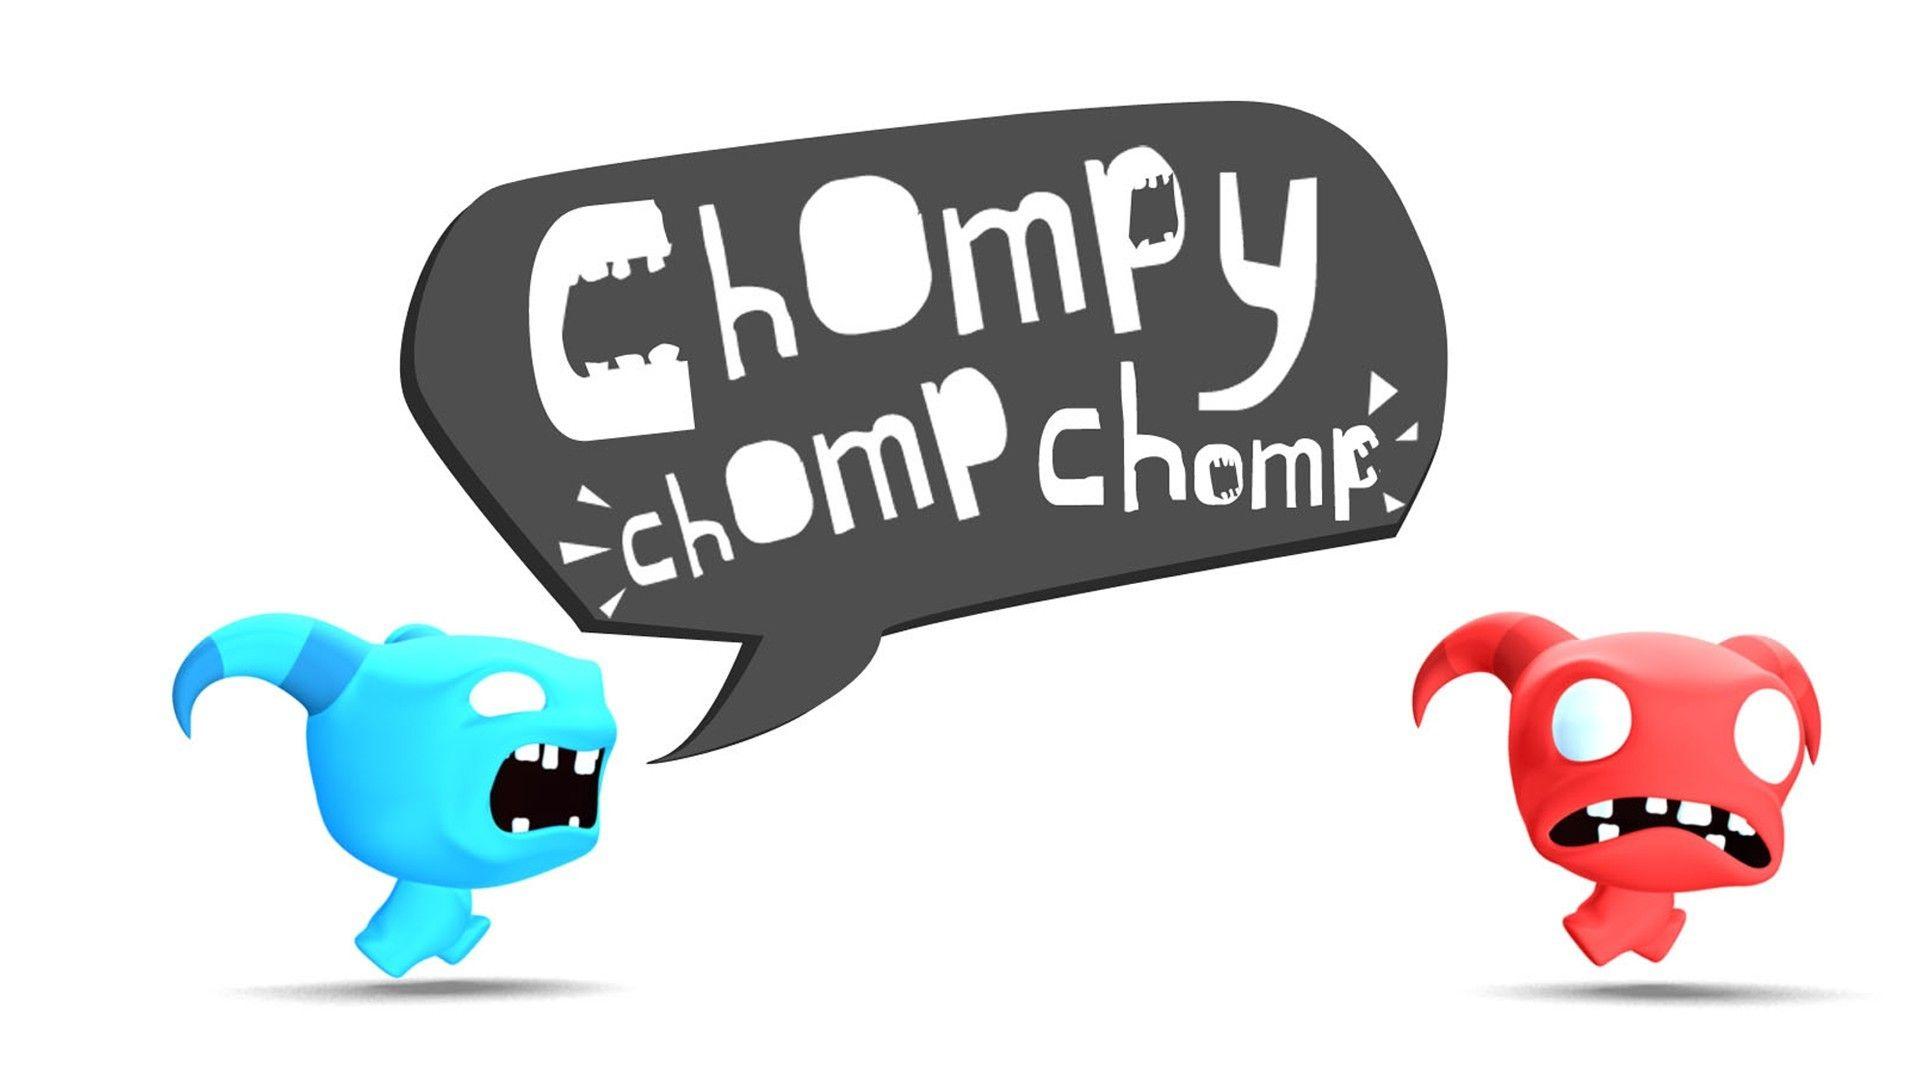 Chompy Chomp Chomp - Quai10